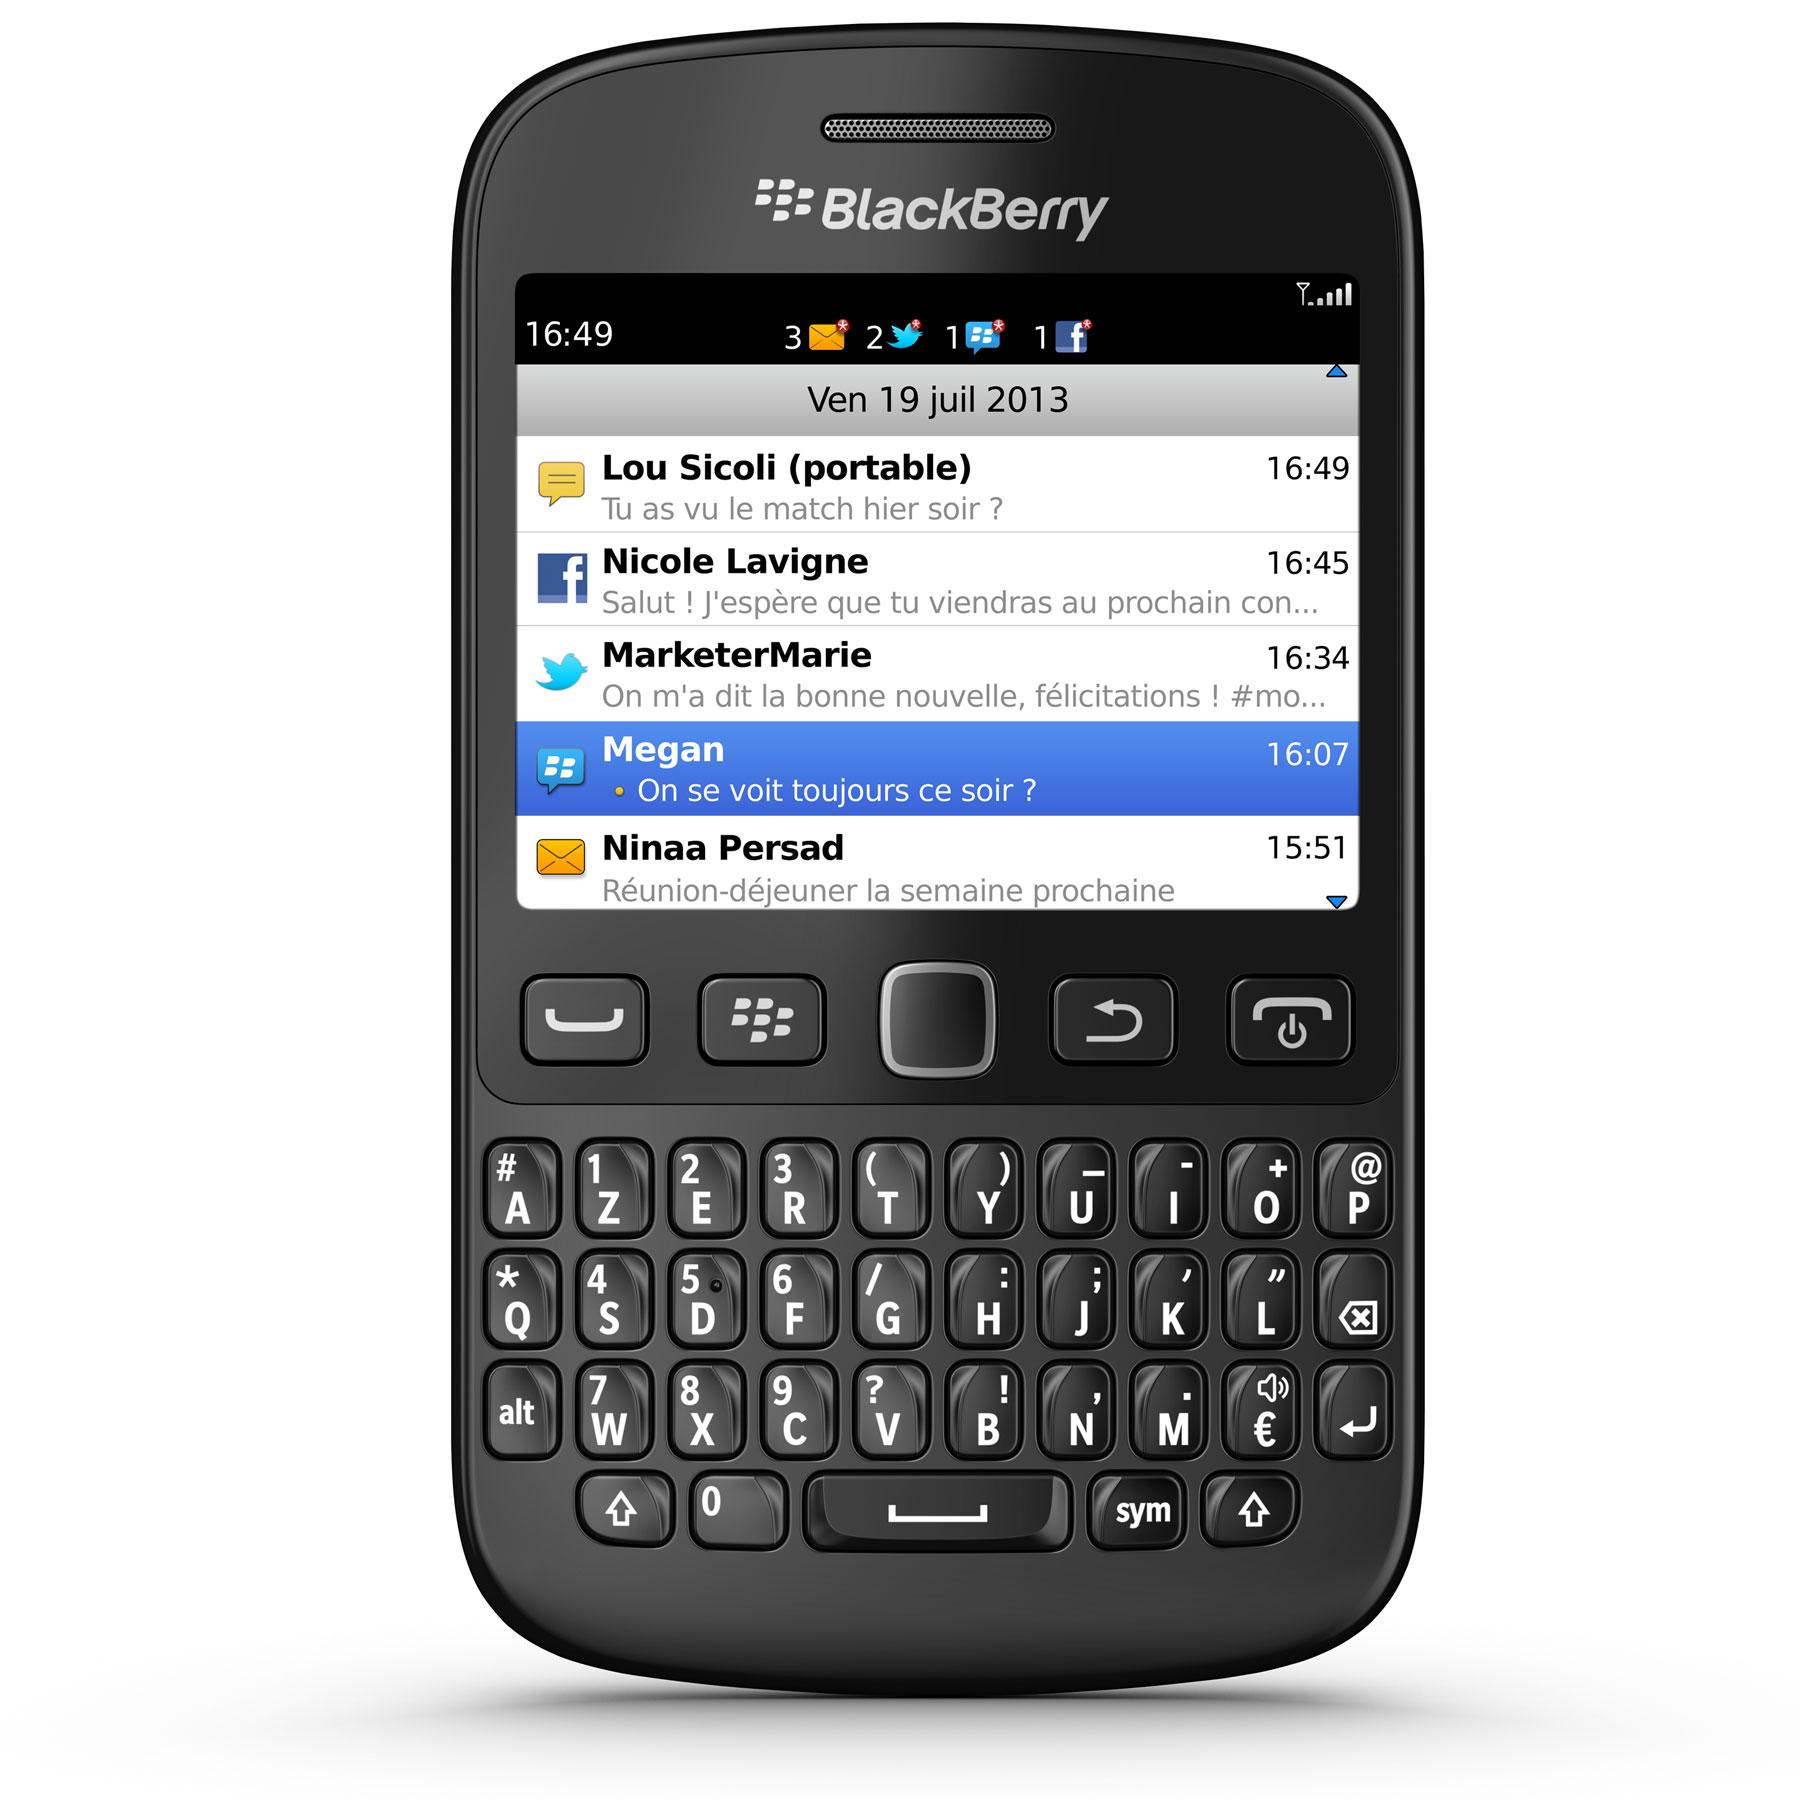 blackberry 9720 azerty noir prd 55047 048 achat vente mobile smartphone sur. Black Bedroom Furniture Sets. Home Design Ideas